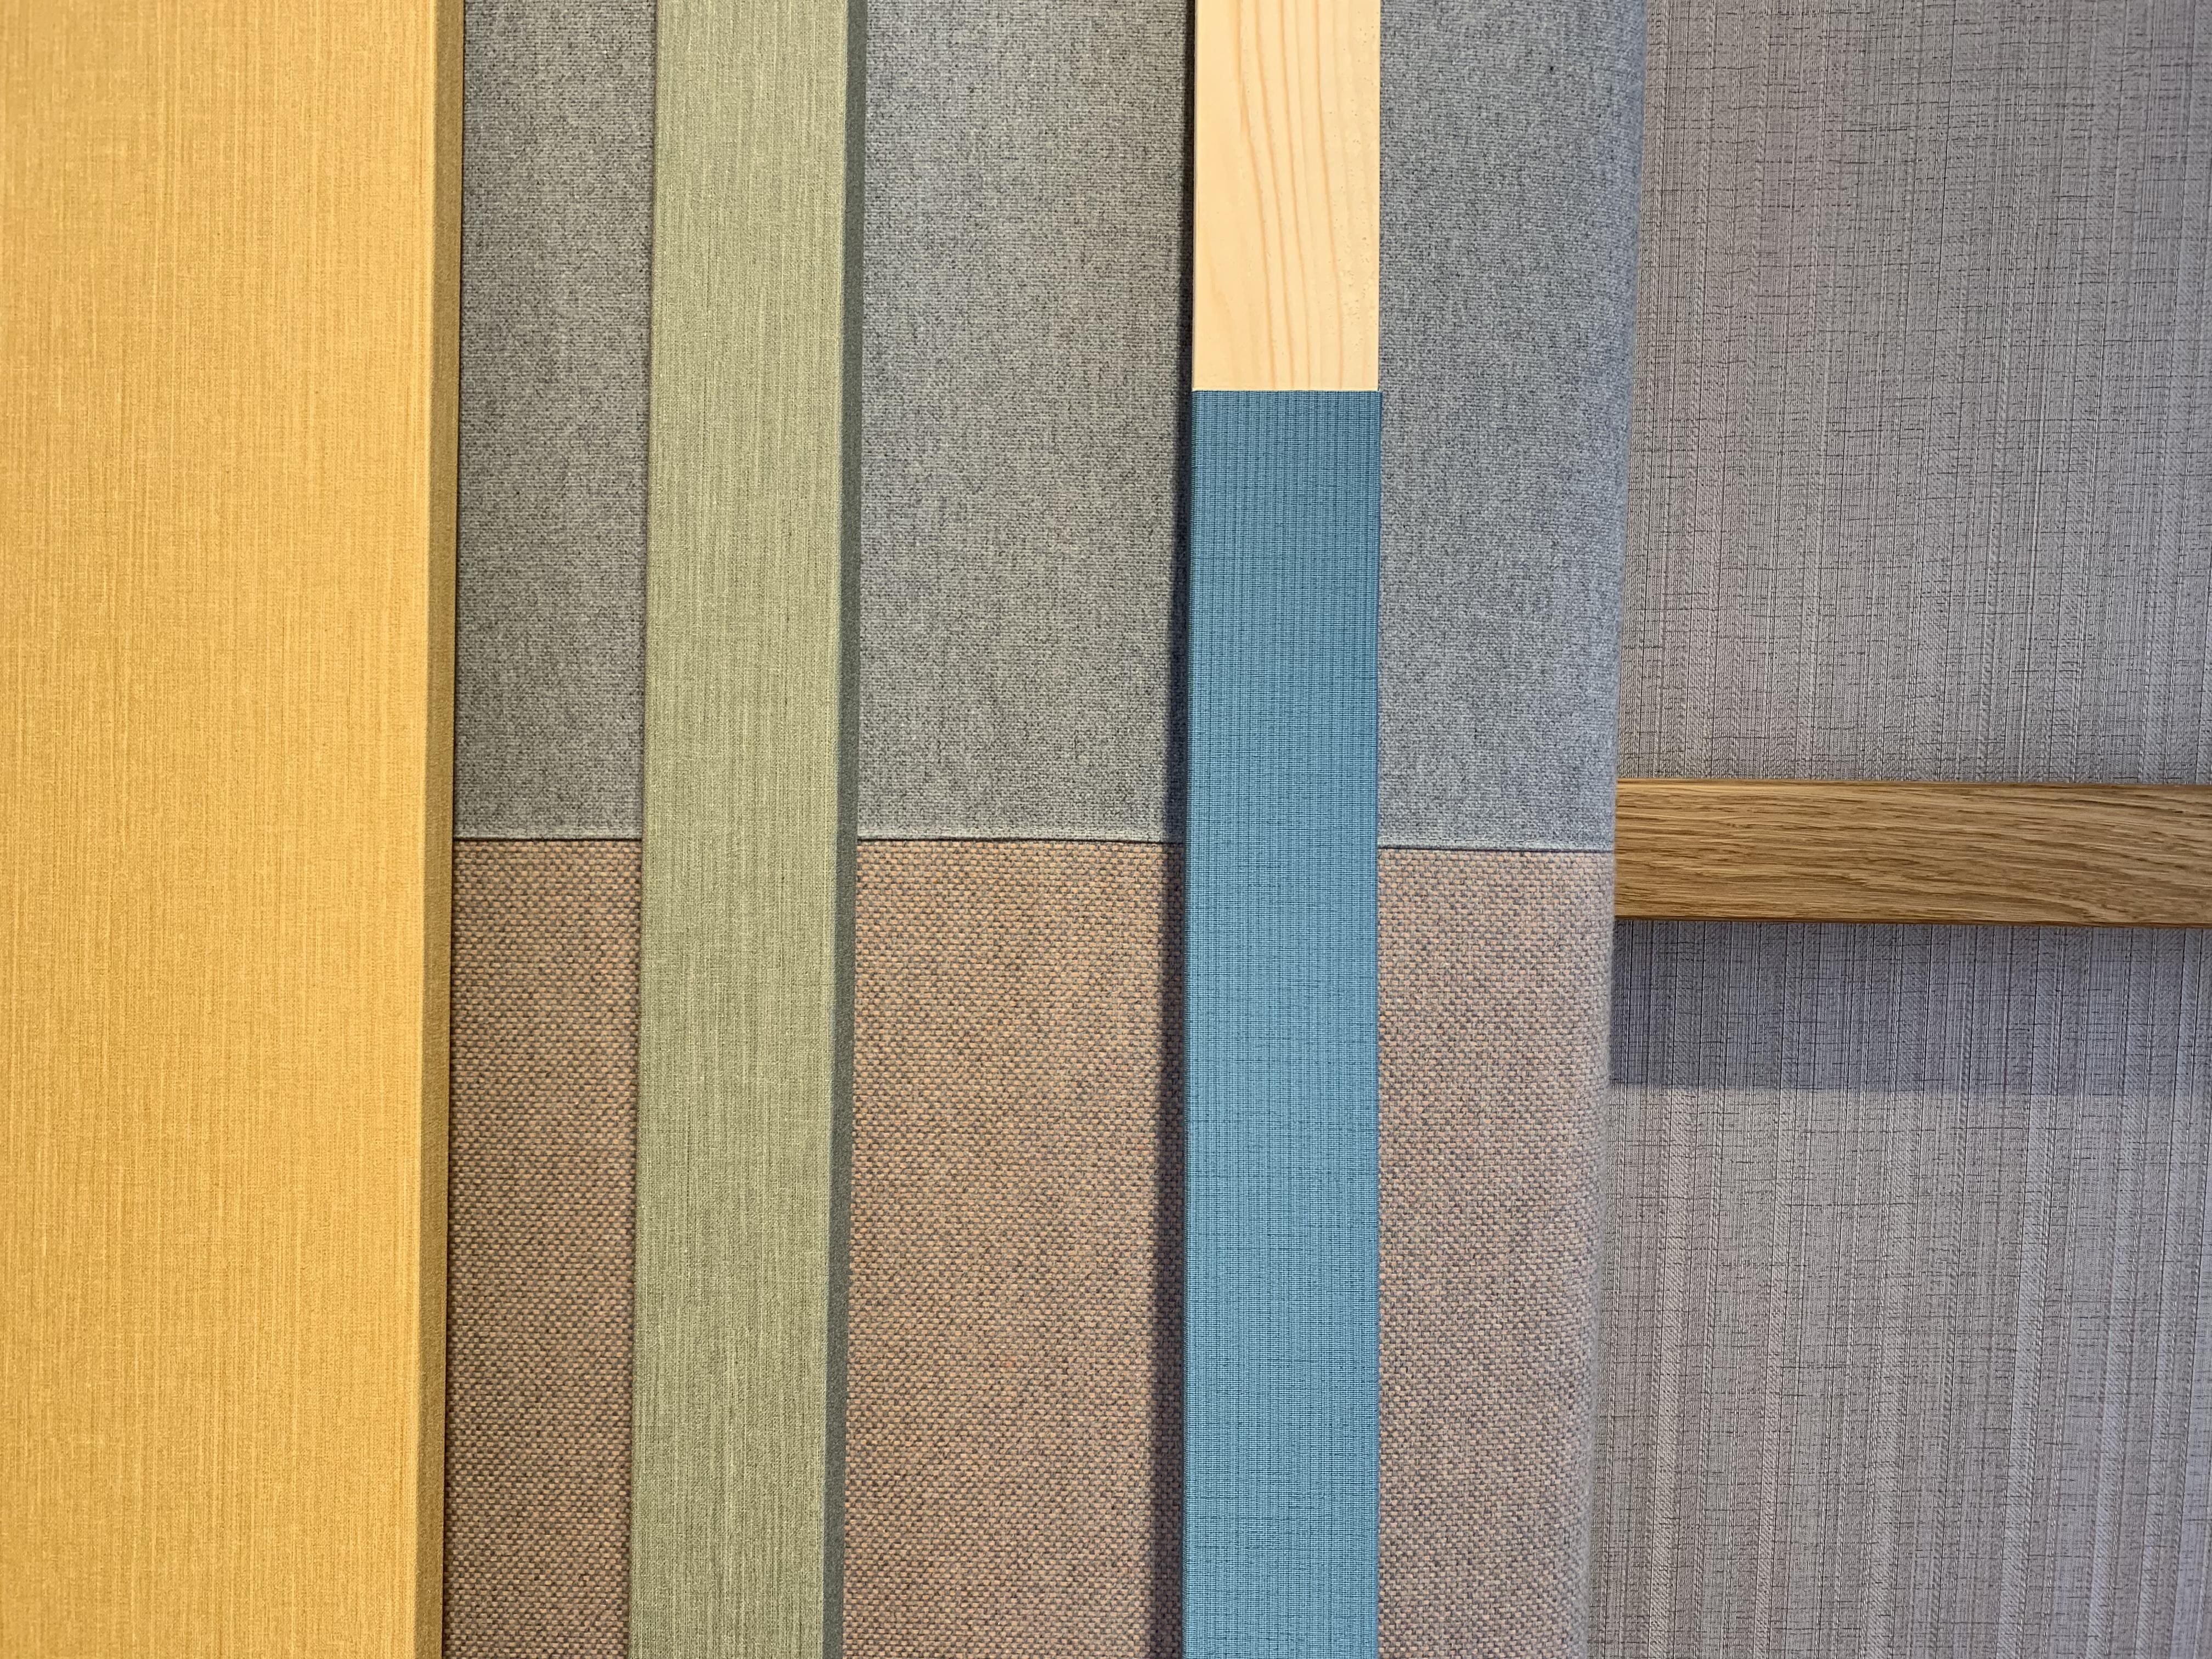 Catalogo Colori Per Pareti colori per le pareti: quali sono i preferiti dalle donne